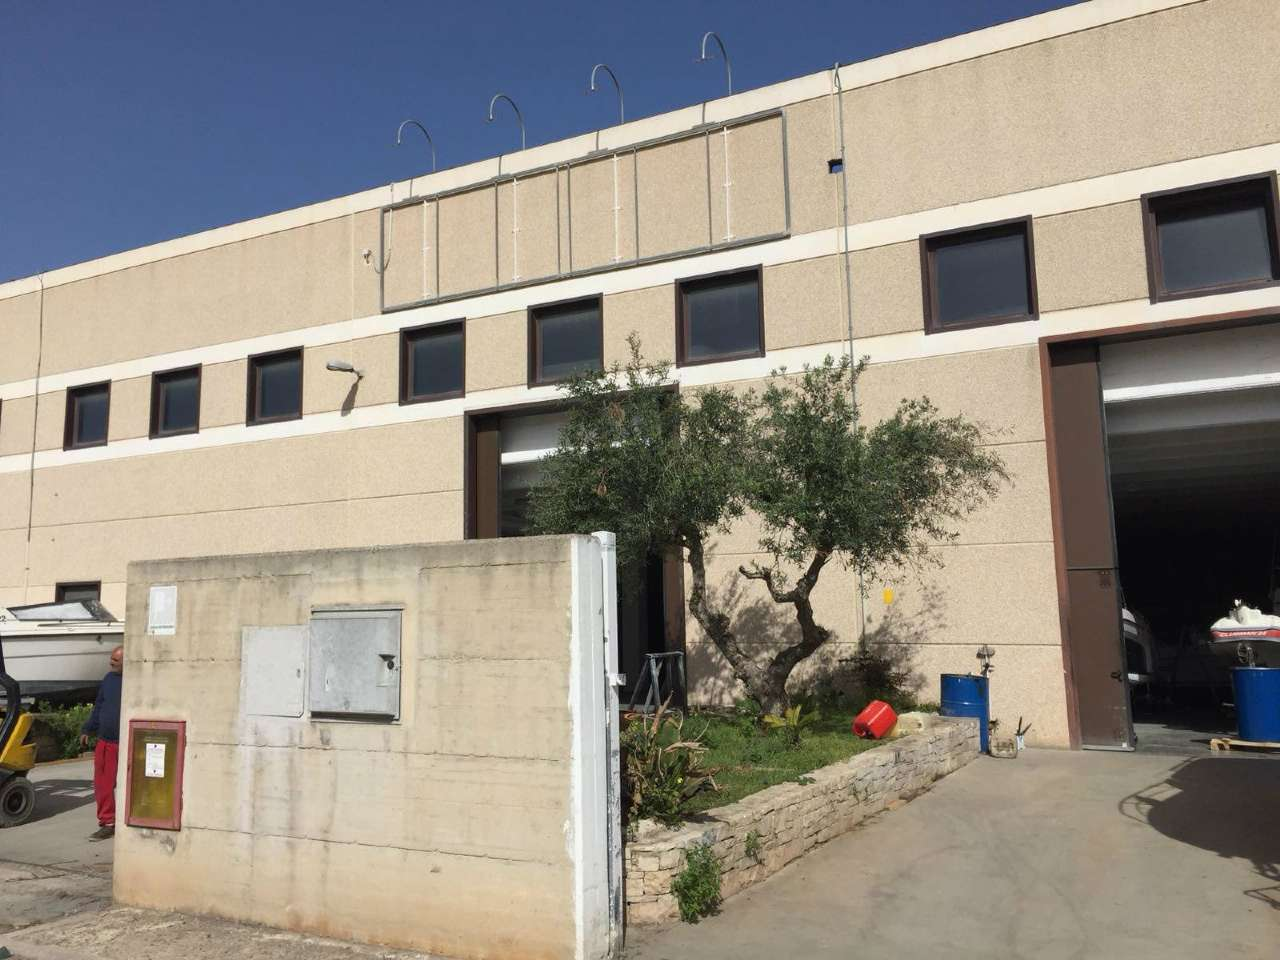 Capannone in vendita a Modugno, 9999 locali, prezzo € 450.000 | PortaleAgenzieImmobiliari.it